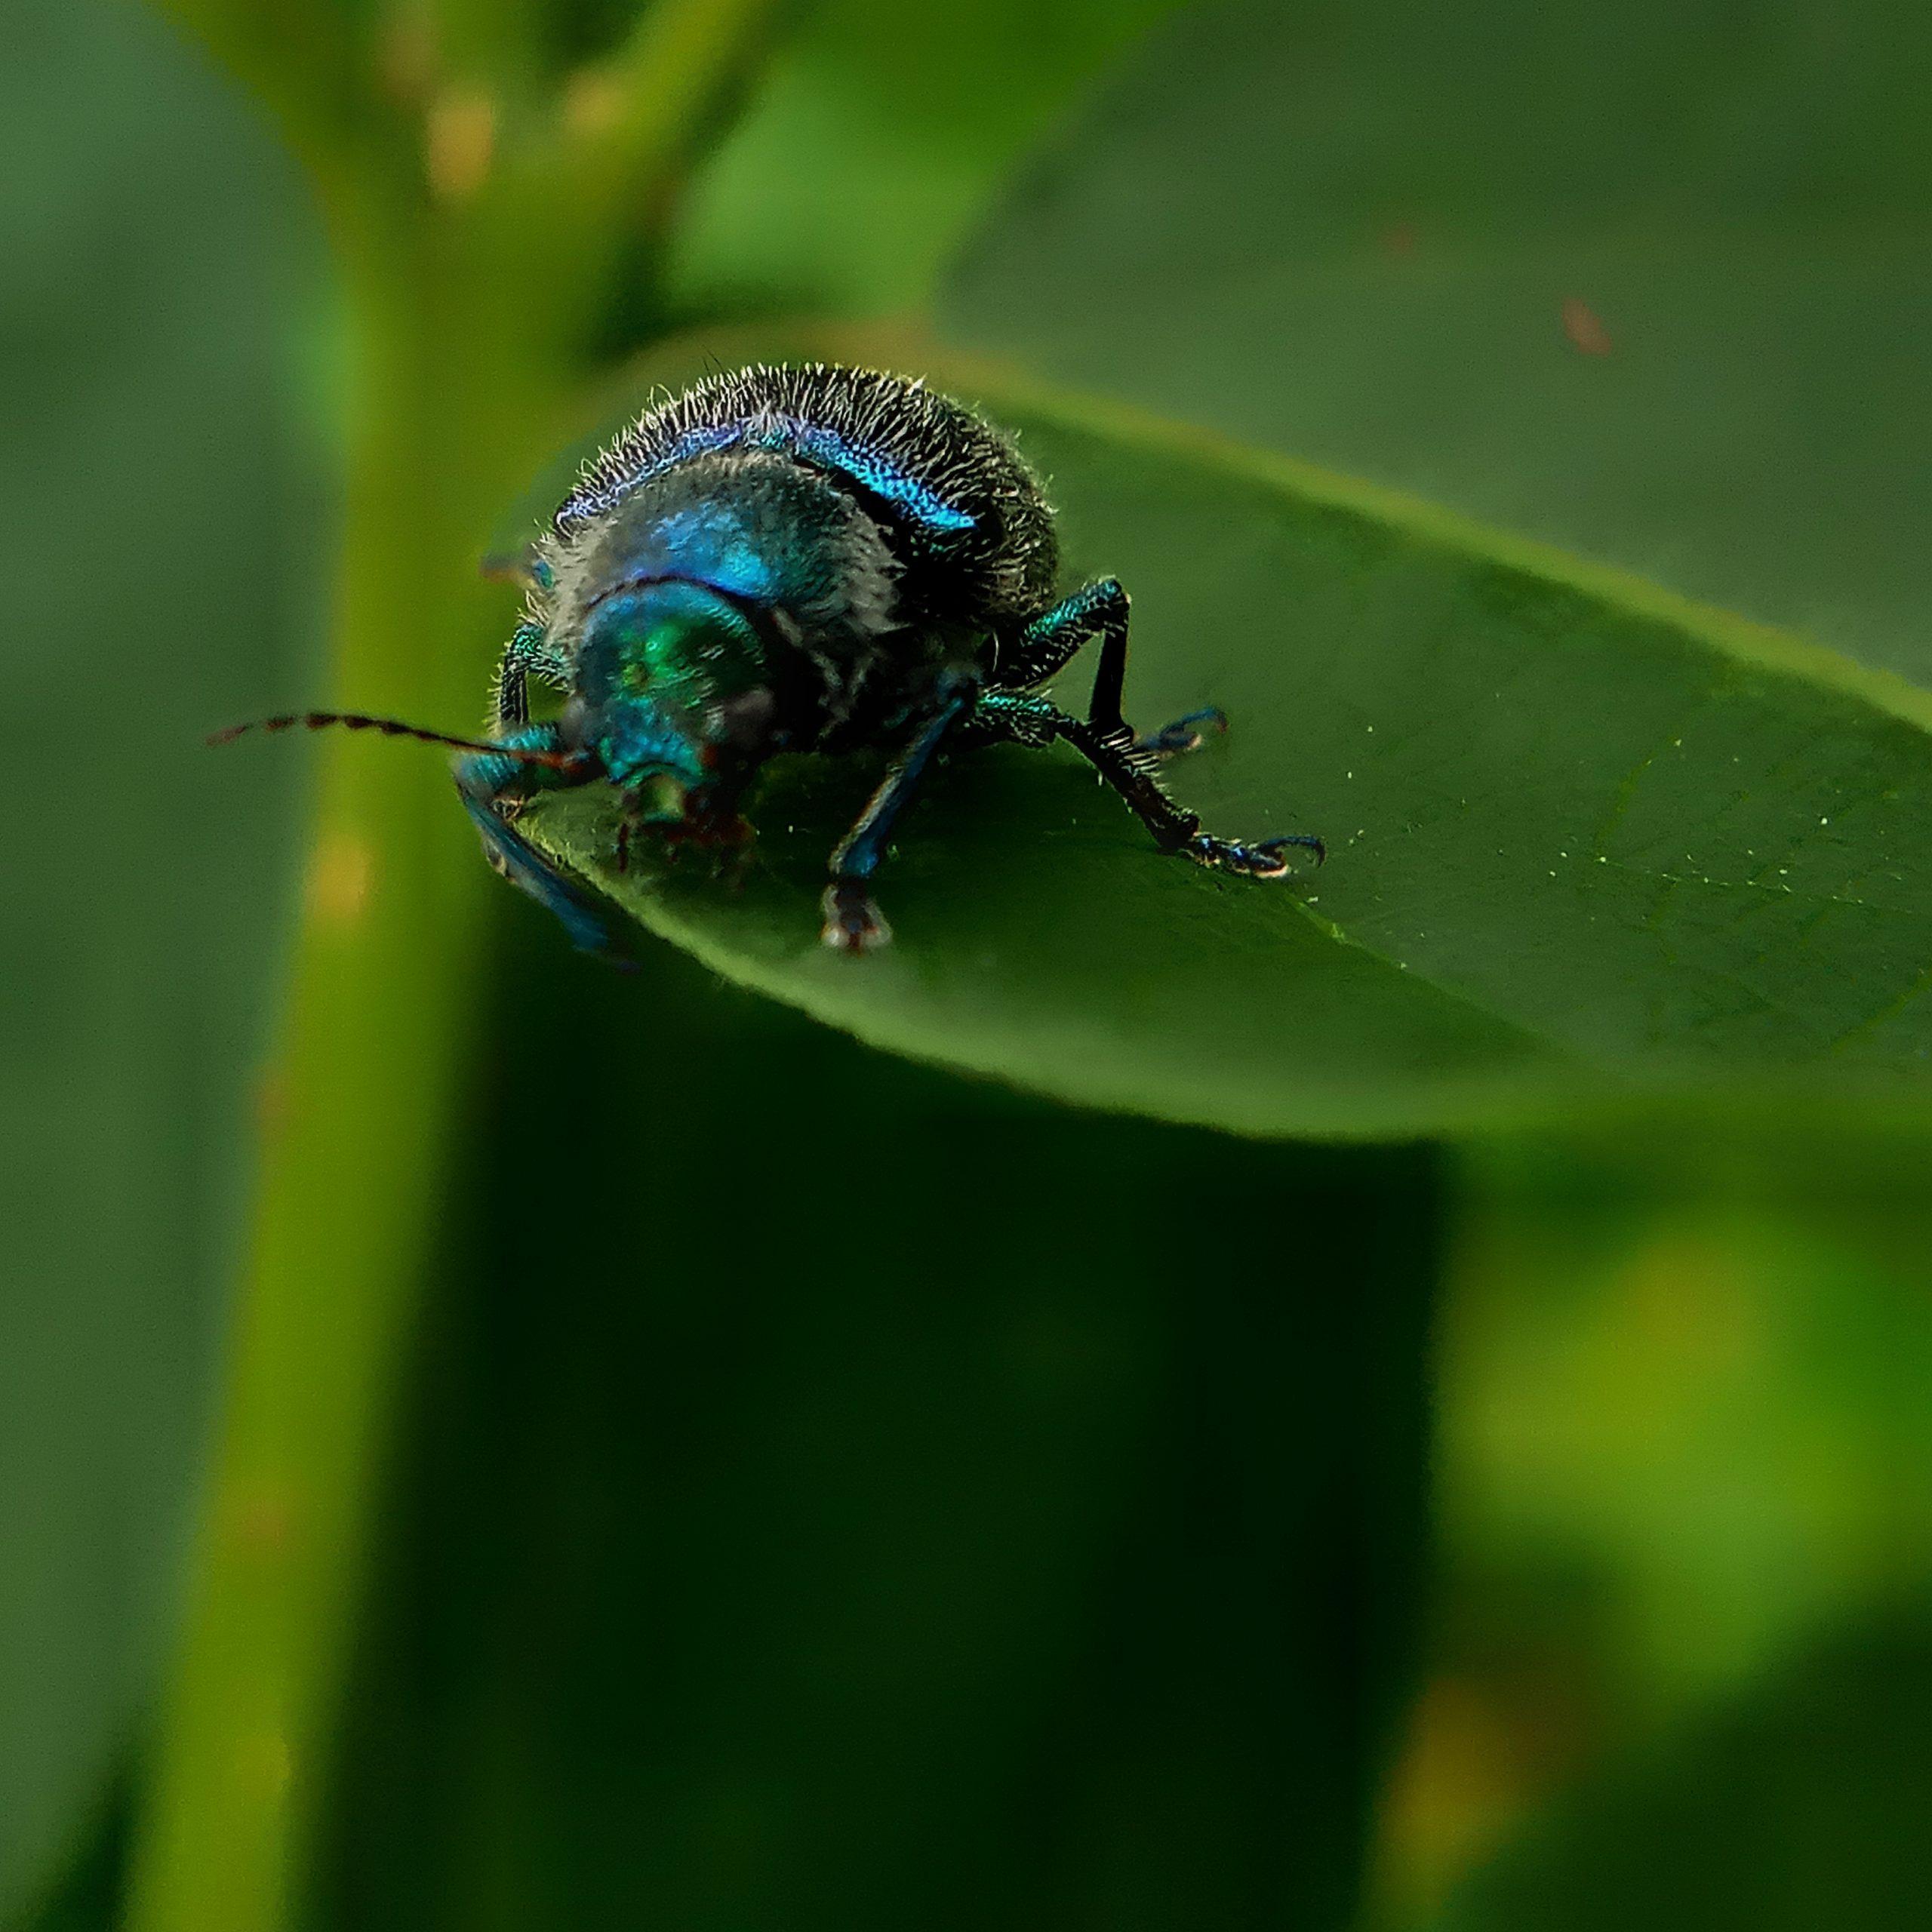 Leaf Beetle on Focus